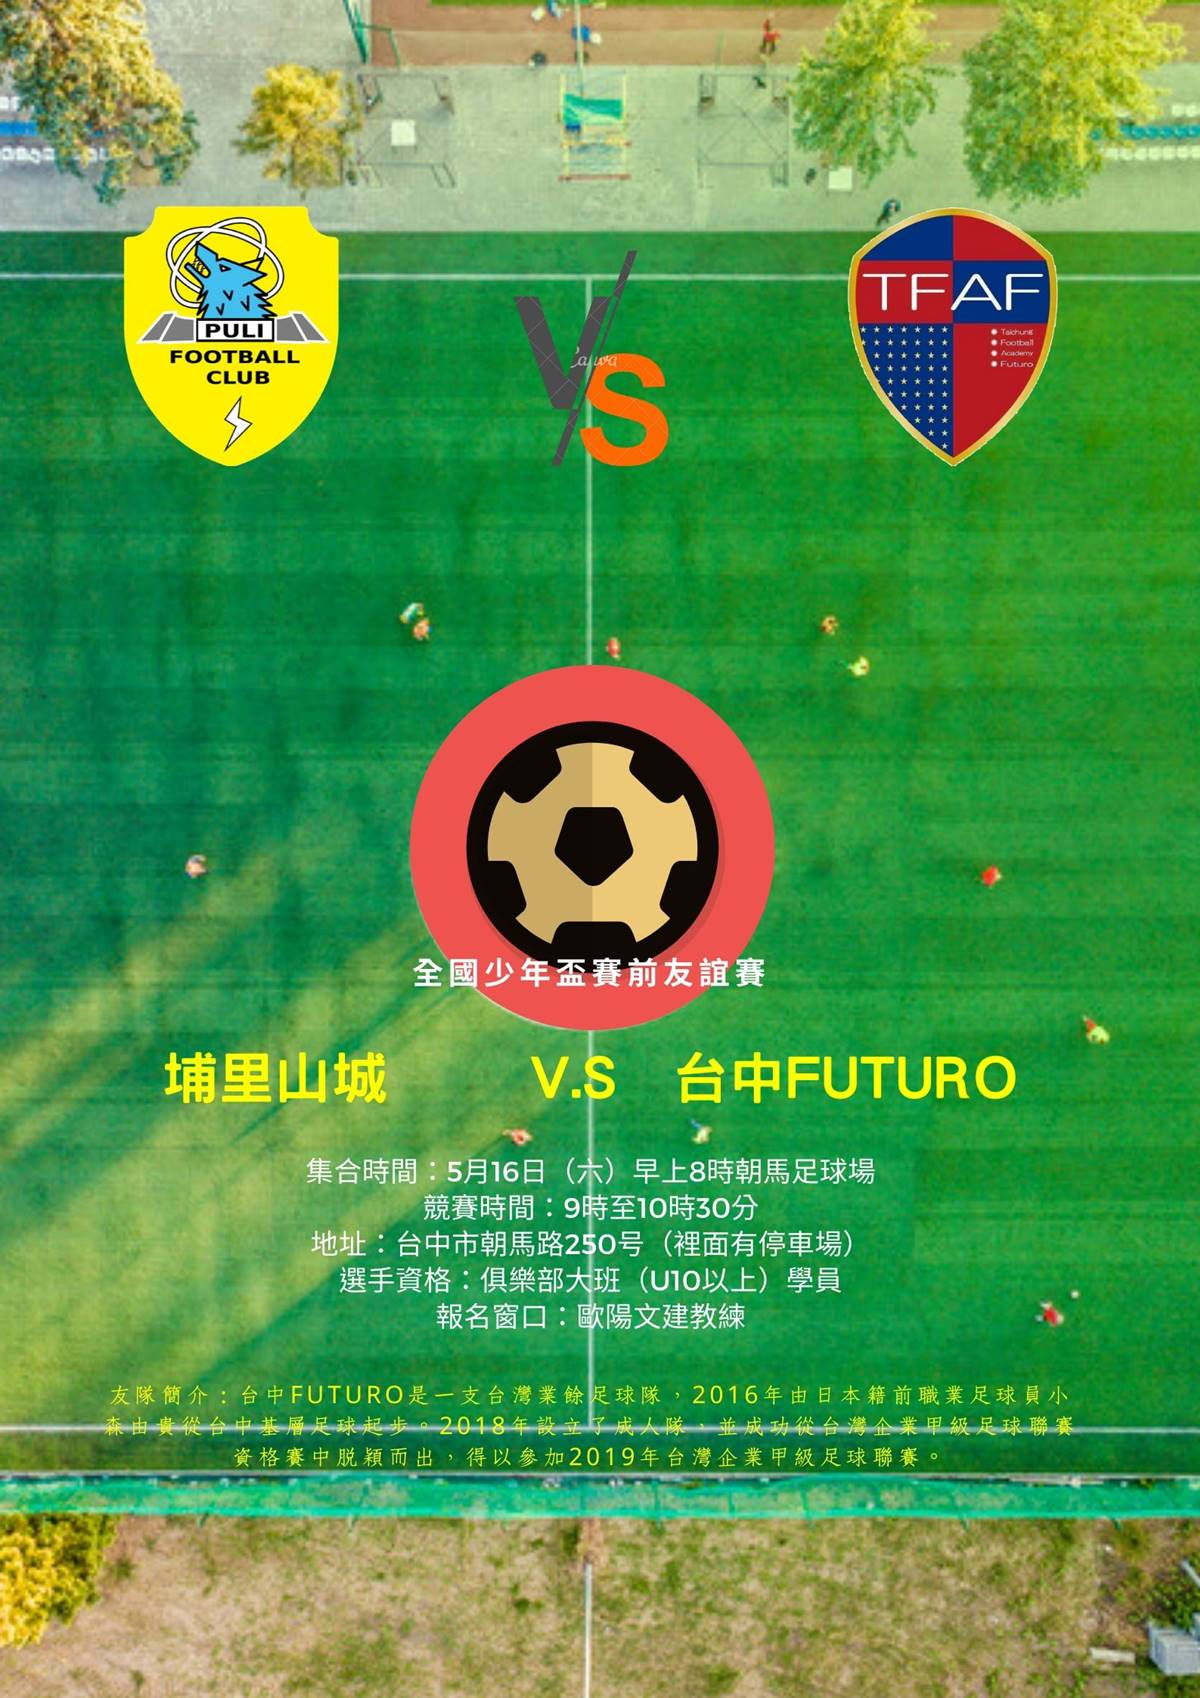 埔里山城足球俱樂部台中FUTURO友誼賽海報